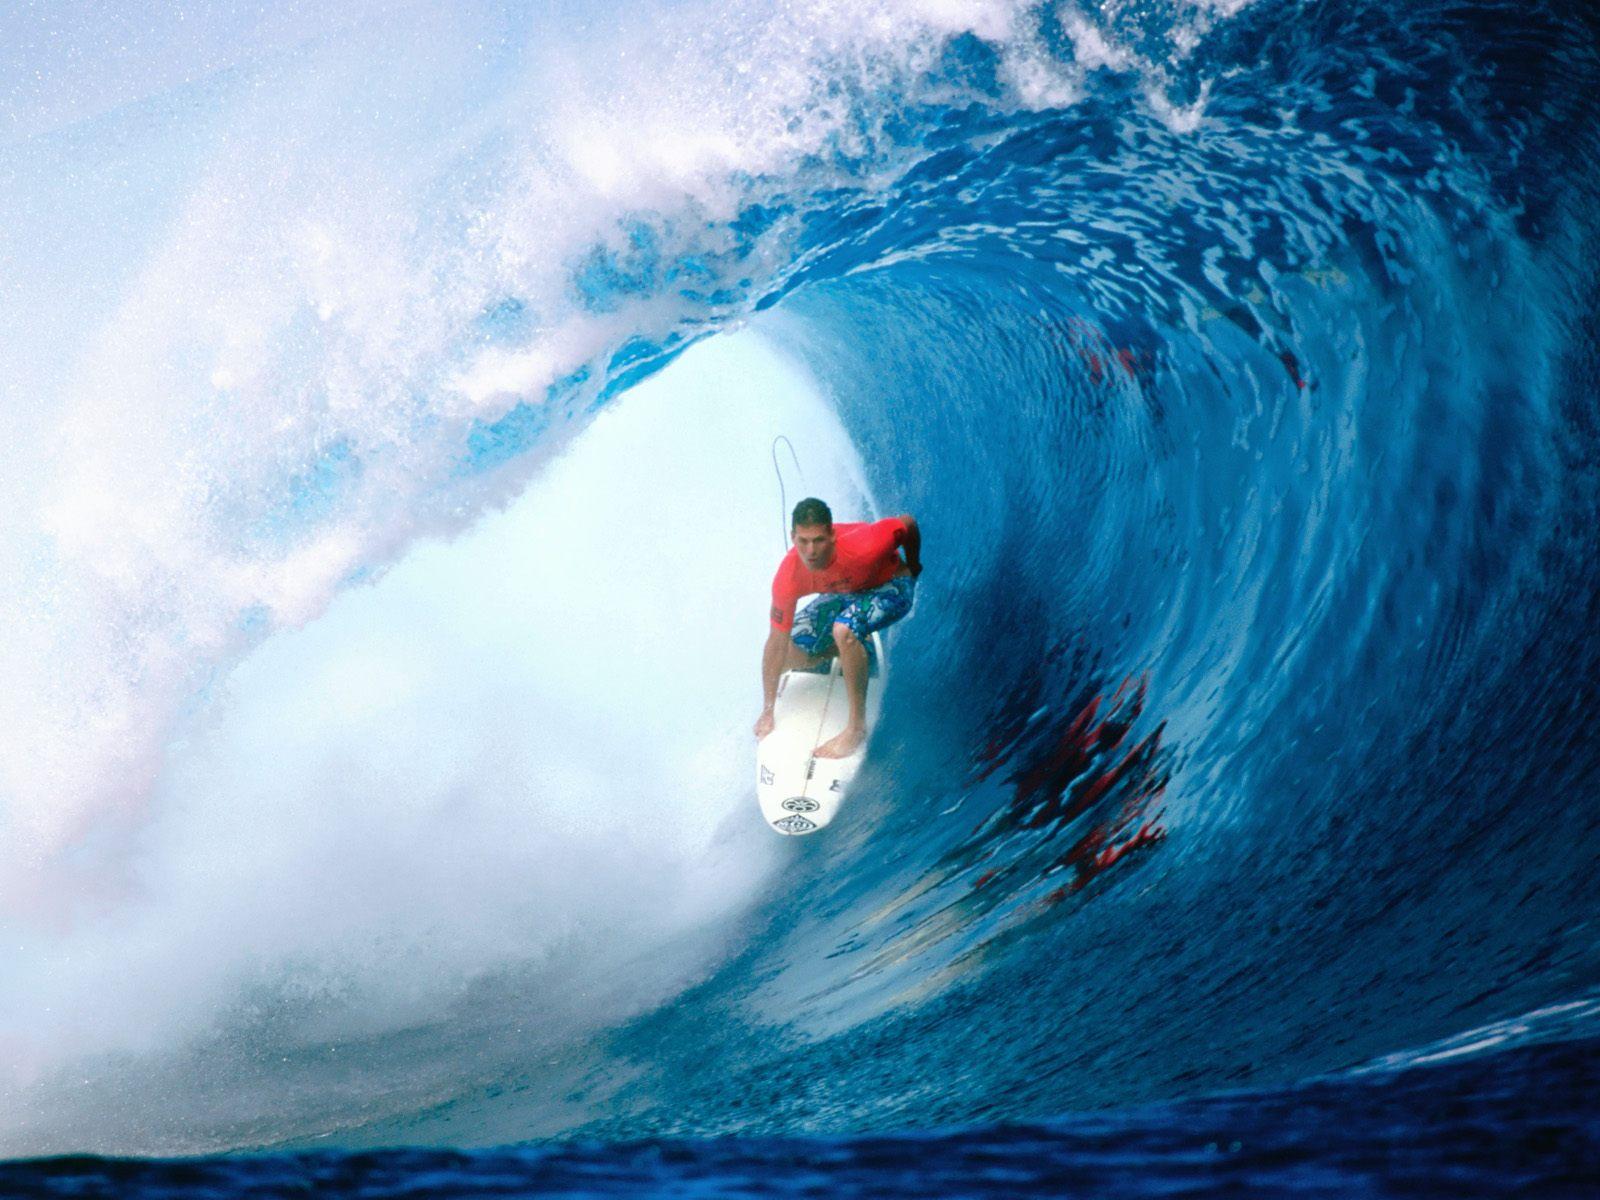 http://4.bp.blogspot.com/-BxQ5GF4GxVk/Tw7RGMKrZ4I/AAAAAAAABWw/uxBcNj0-T1k/s1600/Surfing%20Wallpaper%206.jpg